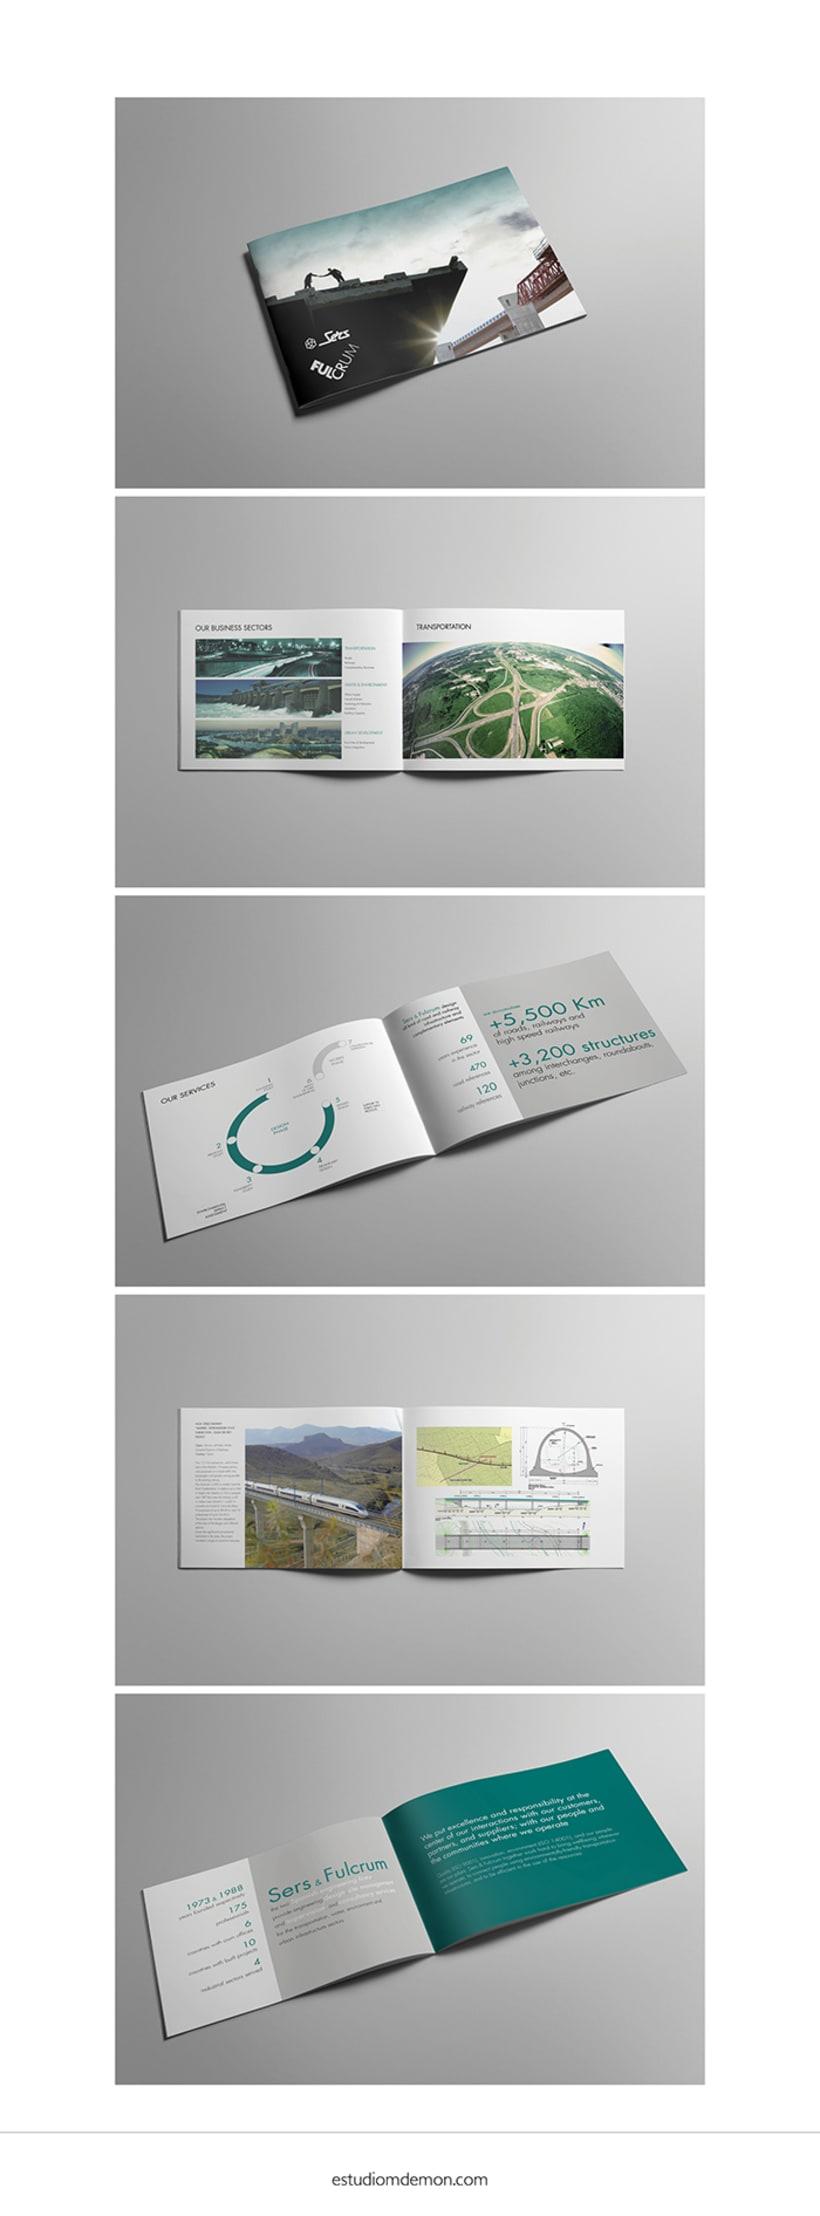 DISEÑO DE PRESENTACION CORPORATIVA | Sers & Fulcrum, ingenierías -1